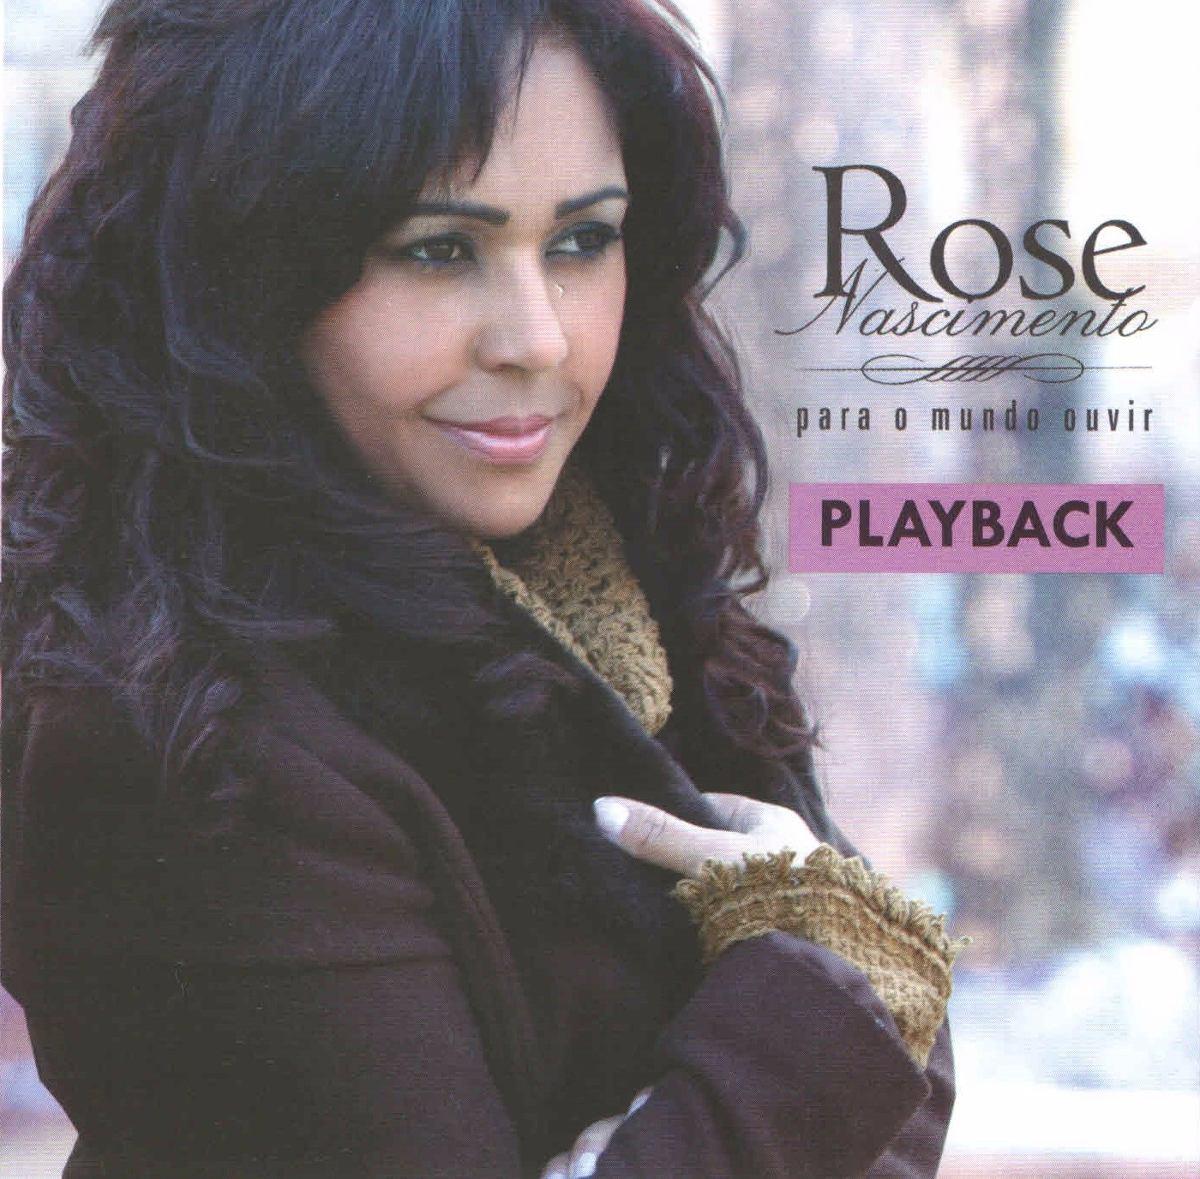 cd rose nascimento para o mundo ouvir playback gratis